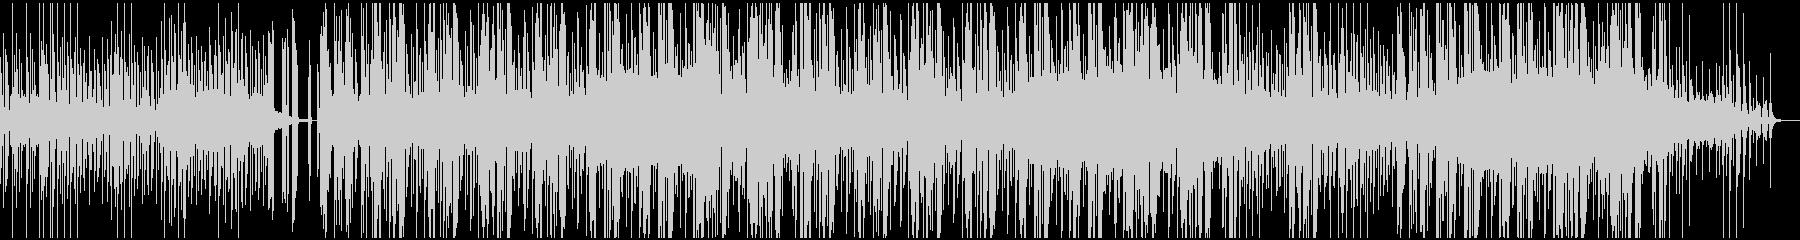 ピアノとスラップが印象的なエレクトロニカの未再生の波形